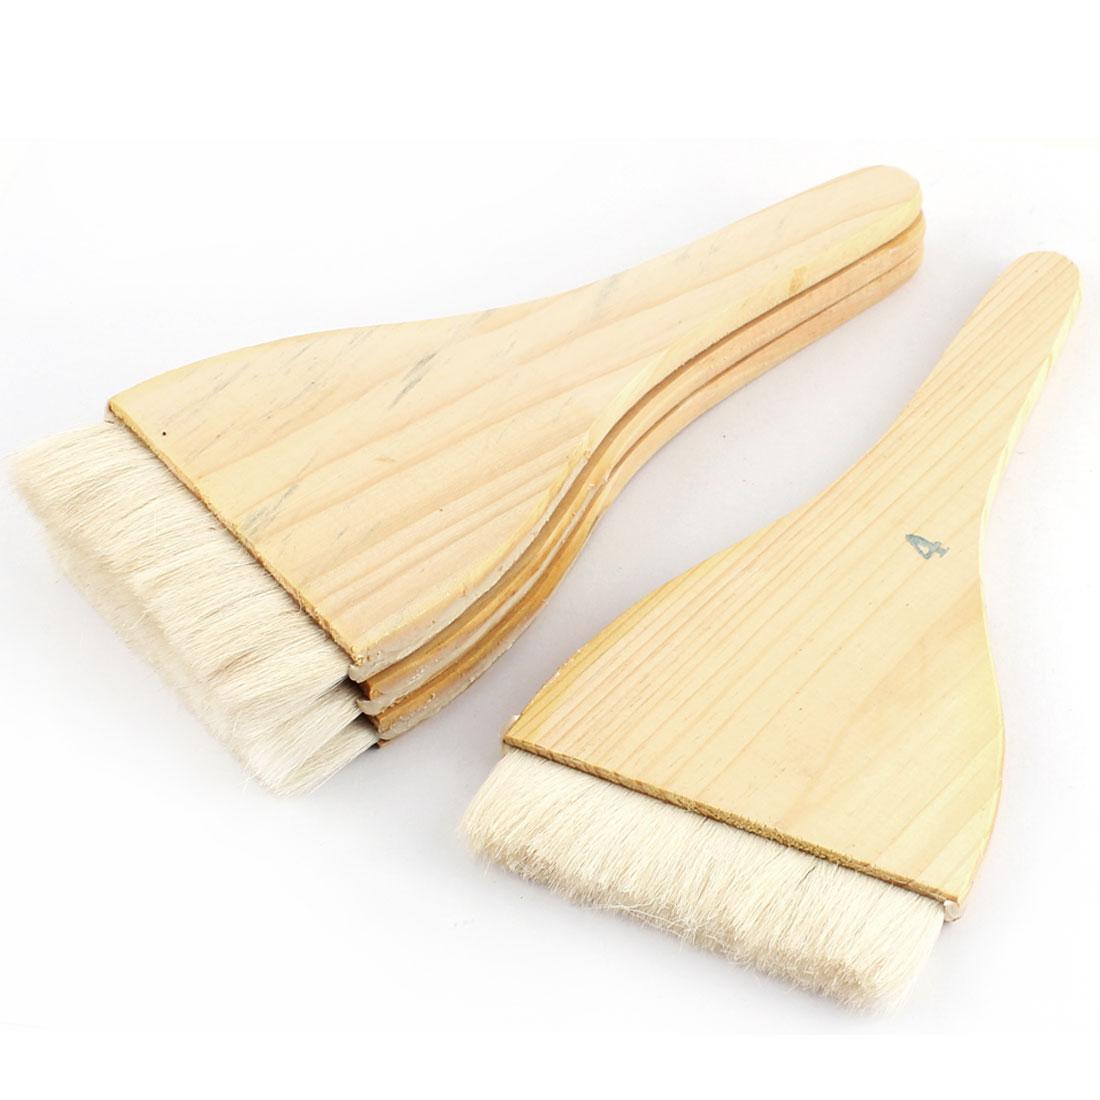 4pcs Soft Bristle Wooden Handle Oil Paint Painter Brush 22cm x 10cm